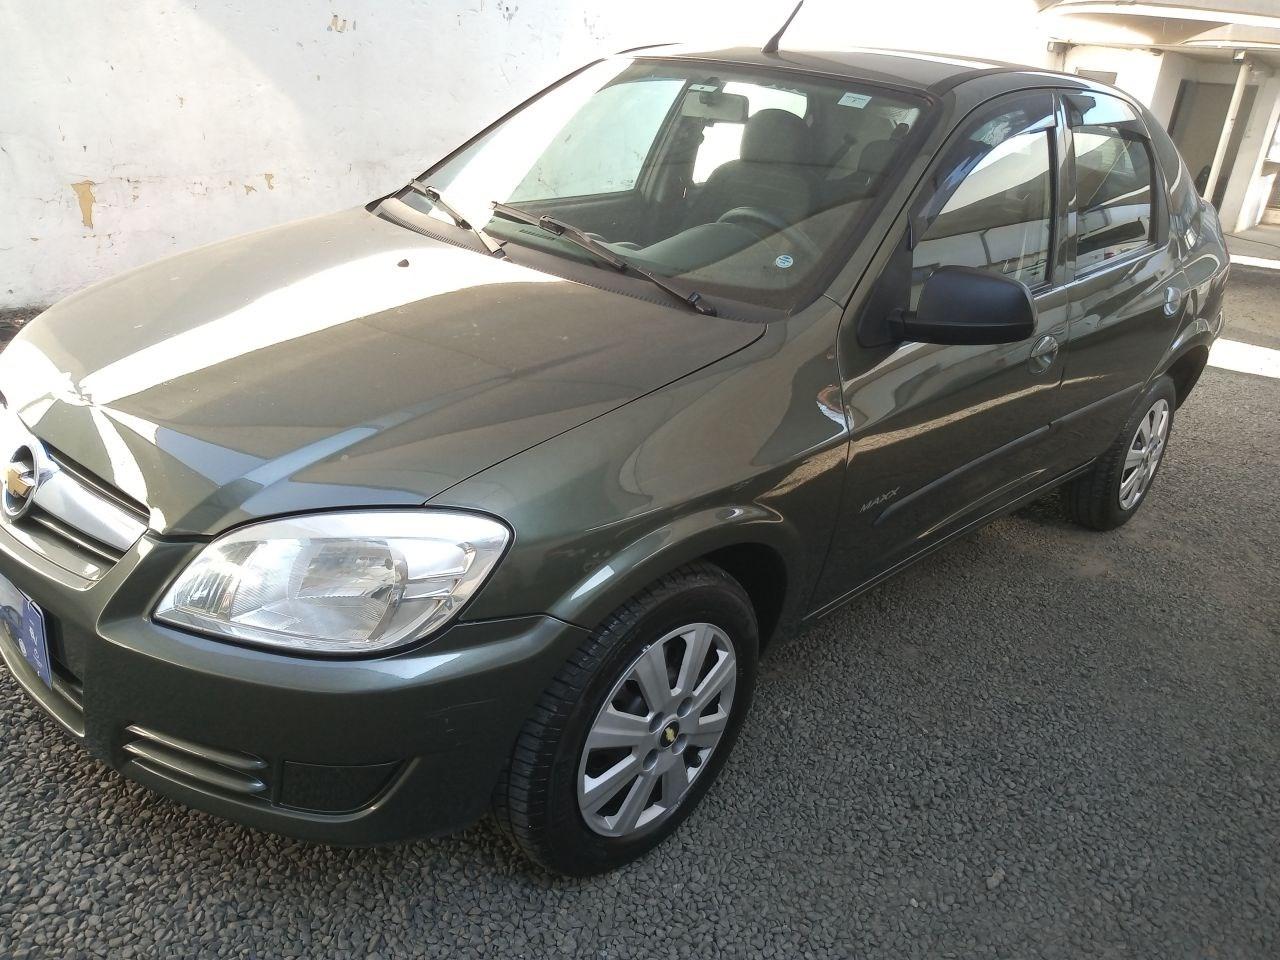 //www.autoline.com.br/carro/chevrolet/prisma-10-maxx-8v-flex-4p-manual/2010/salto-sp/15284734